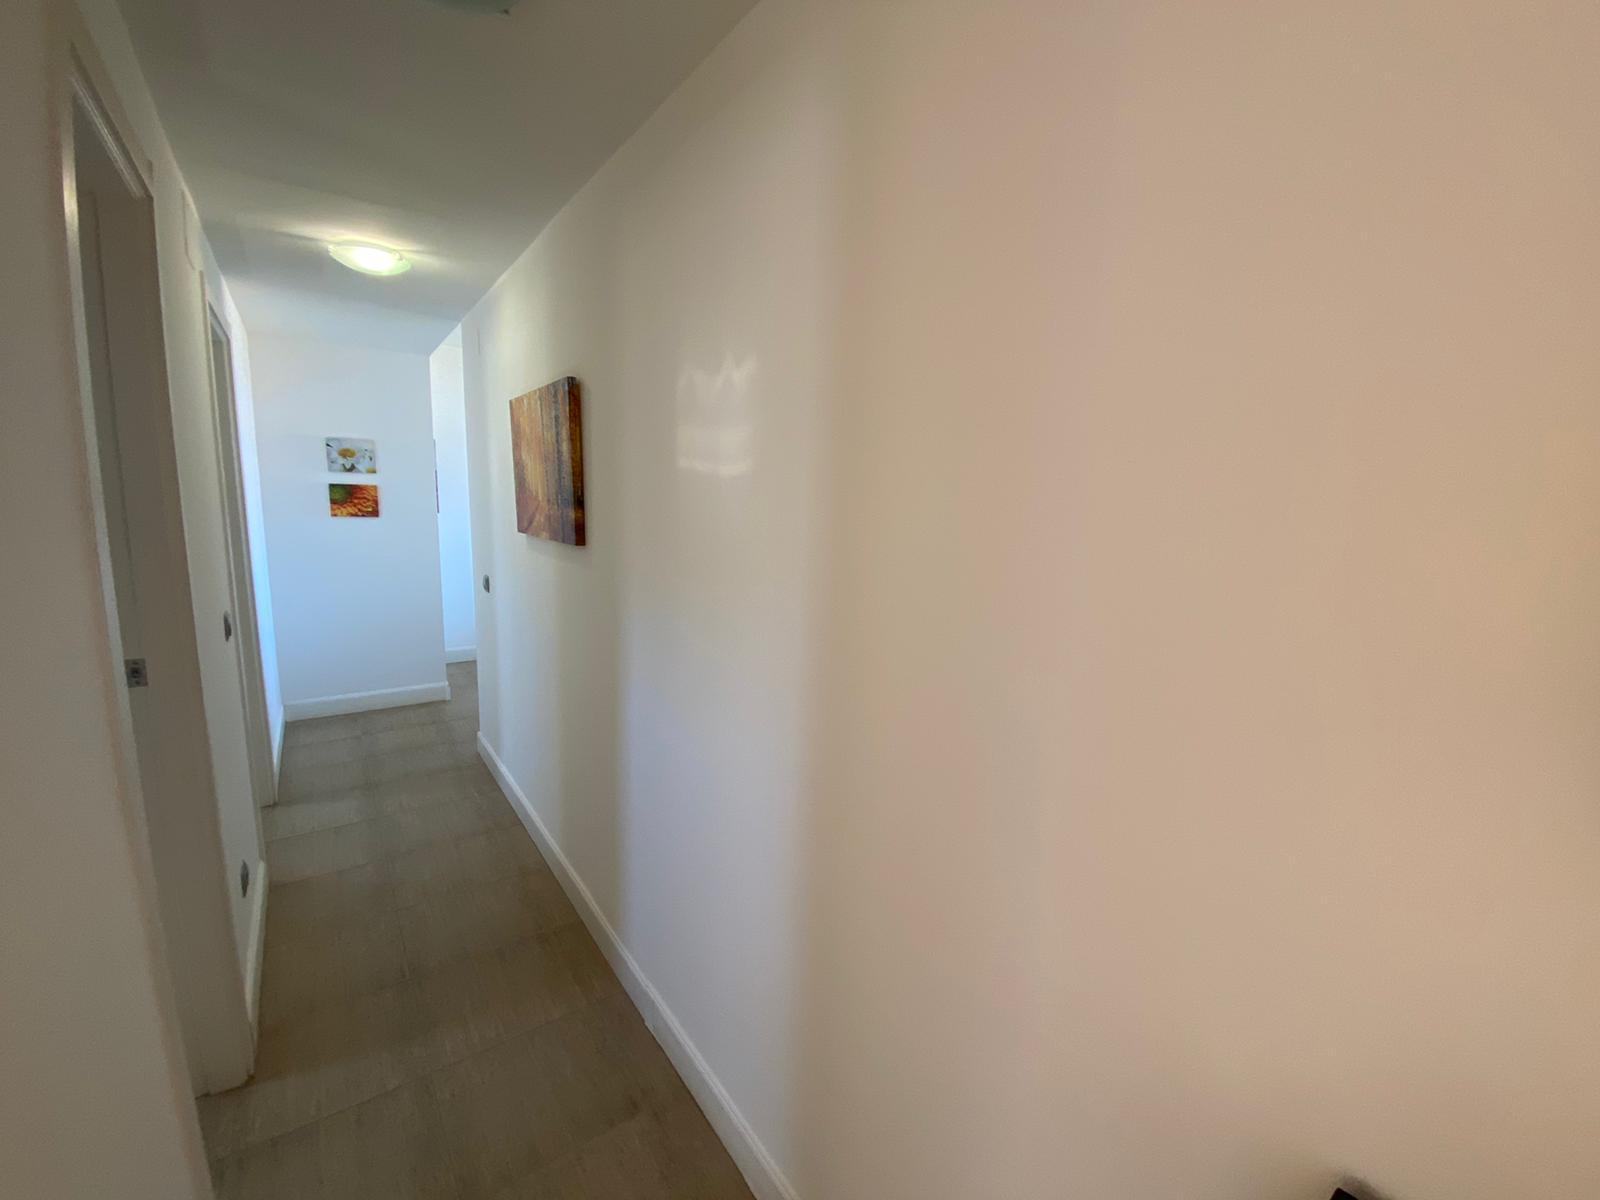 Imagen 11 del Apartamento Turístico, Ático 1 Poniente (3d+2b), Punta del Moral (HUELVA), Paseo de la Cruz nº22